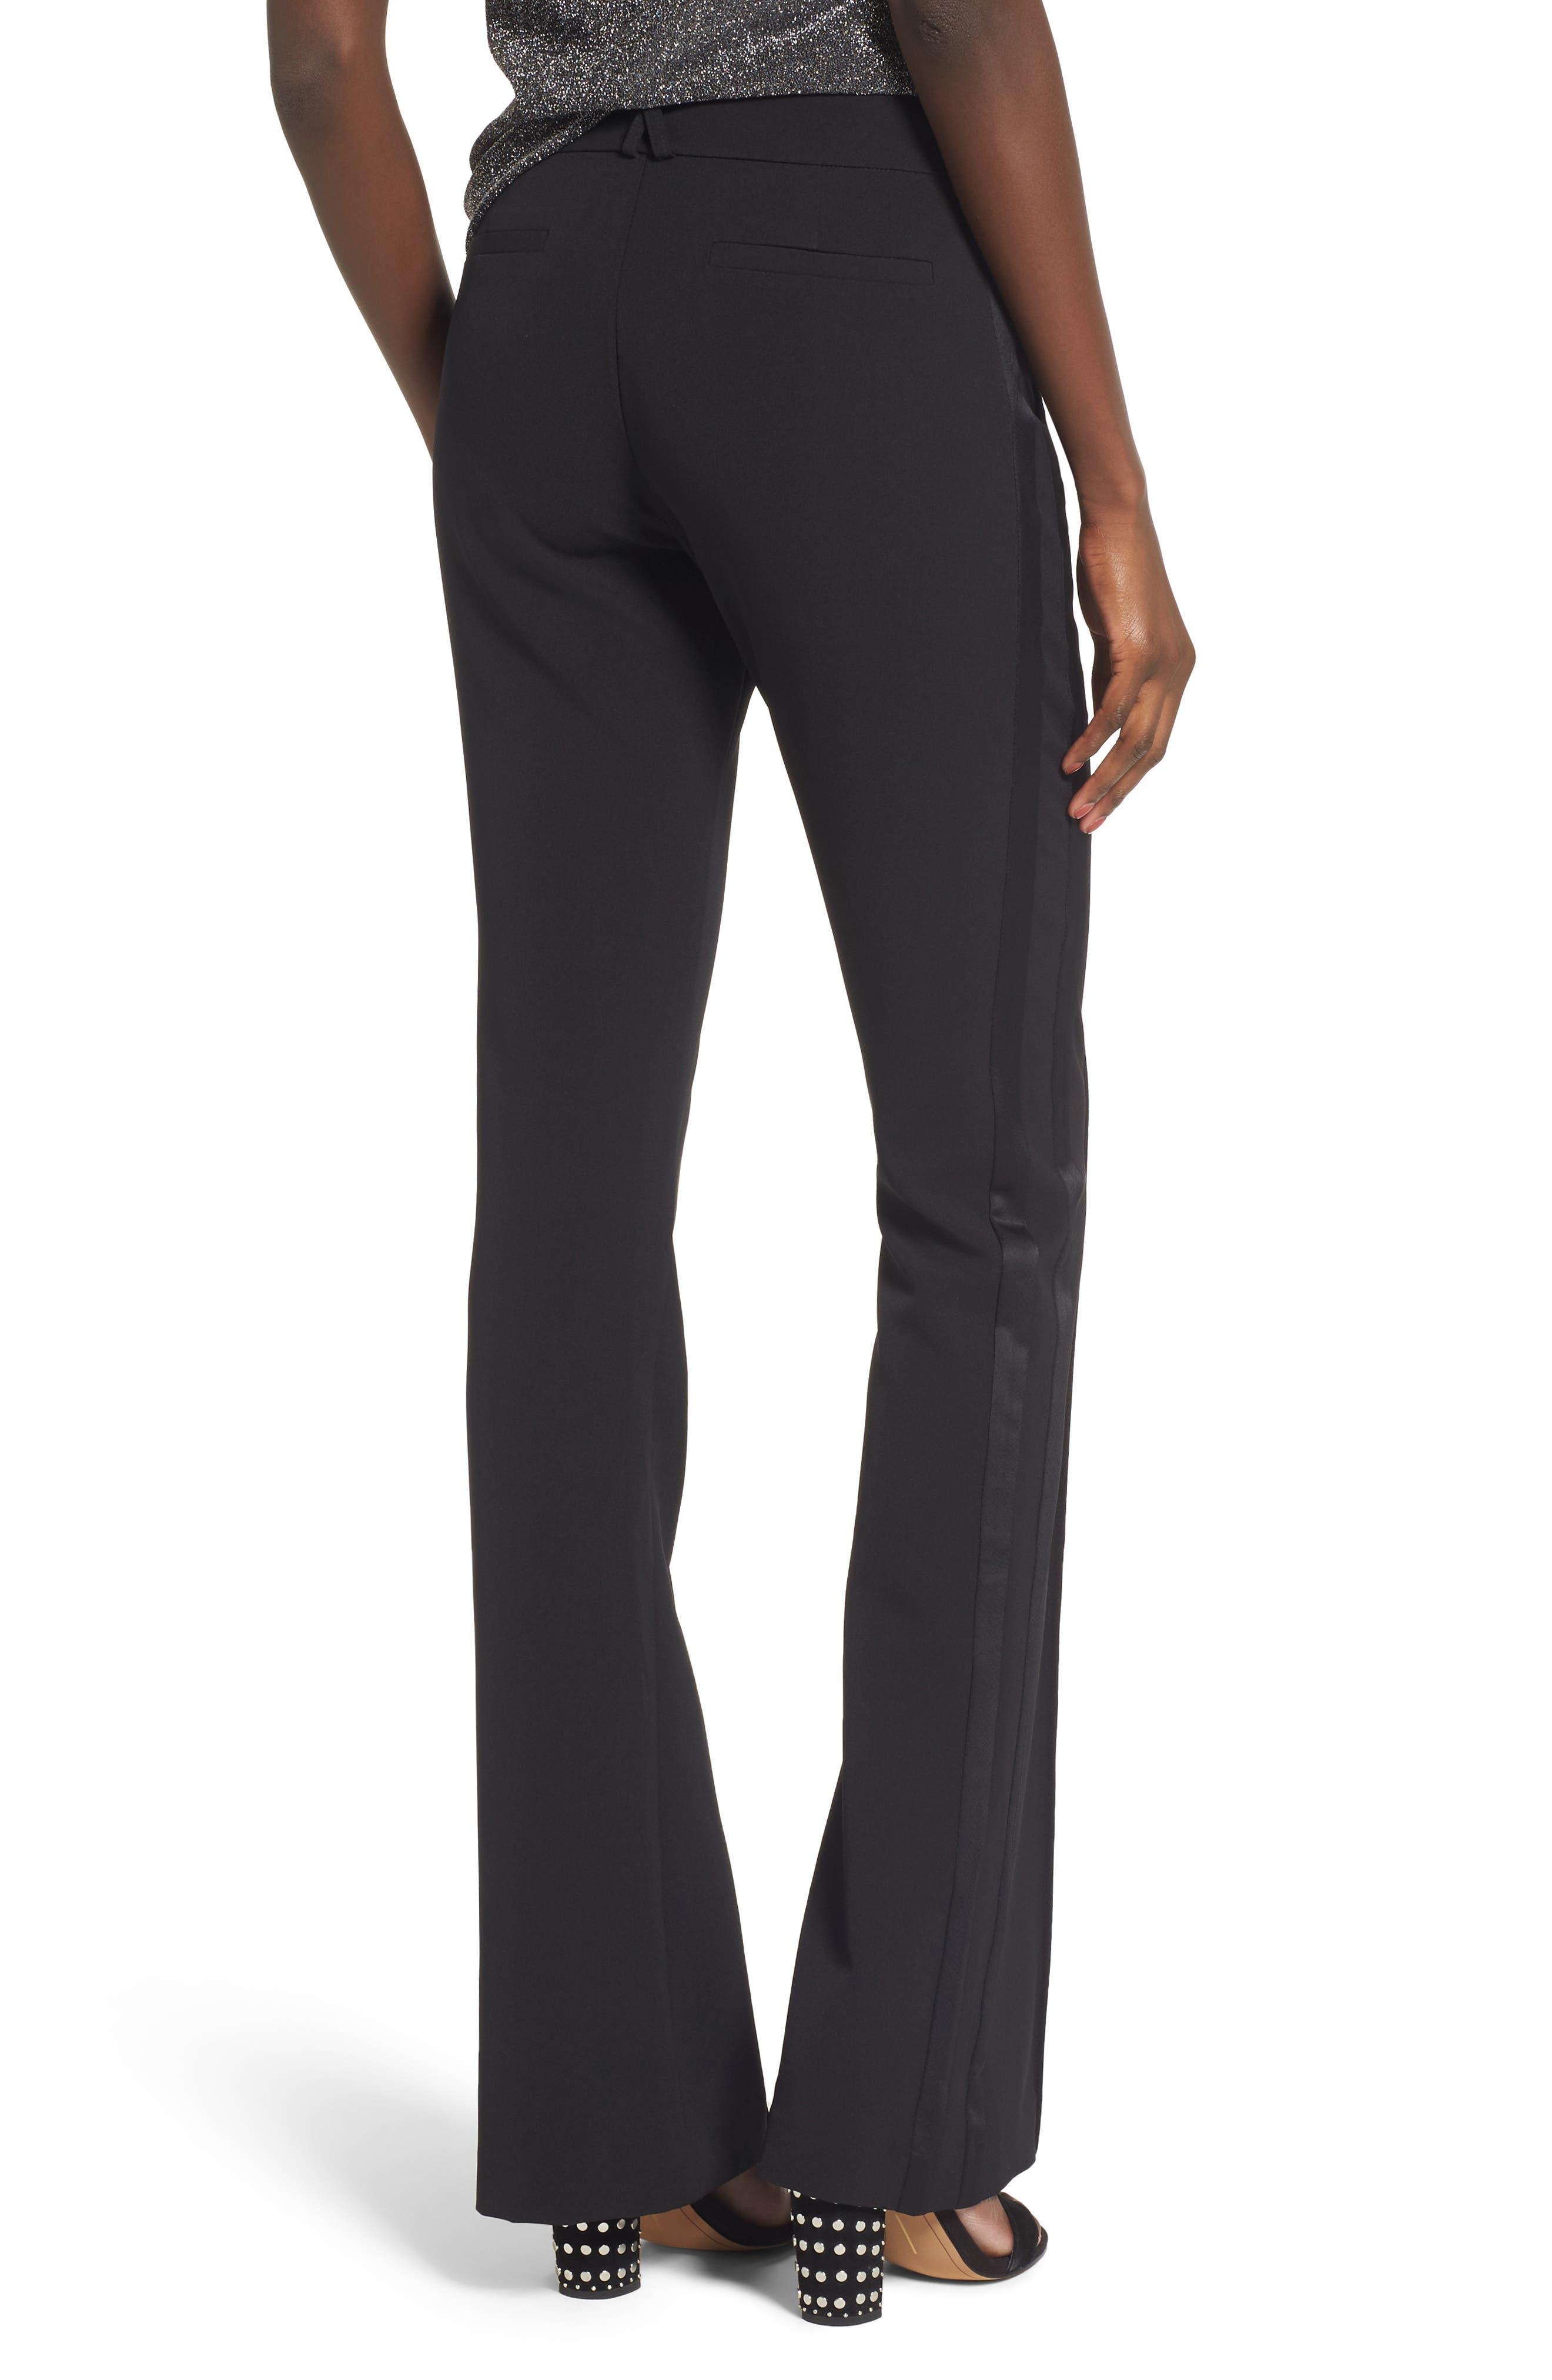 Roxy Flare Leg Pants,                             Alternate thumbnail 2, color,                             Black